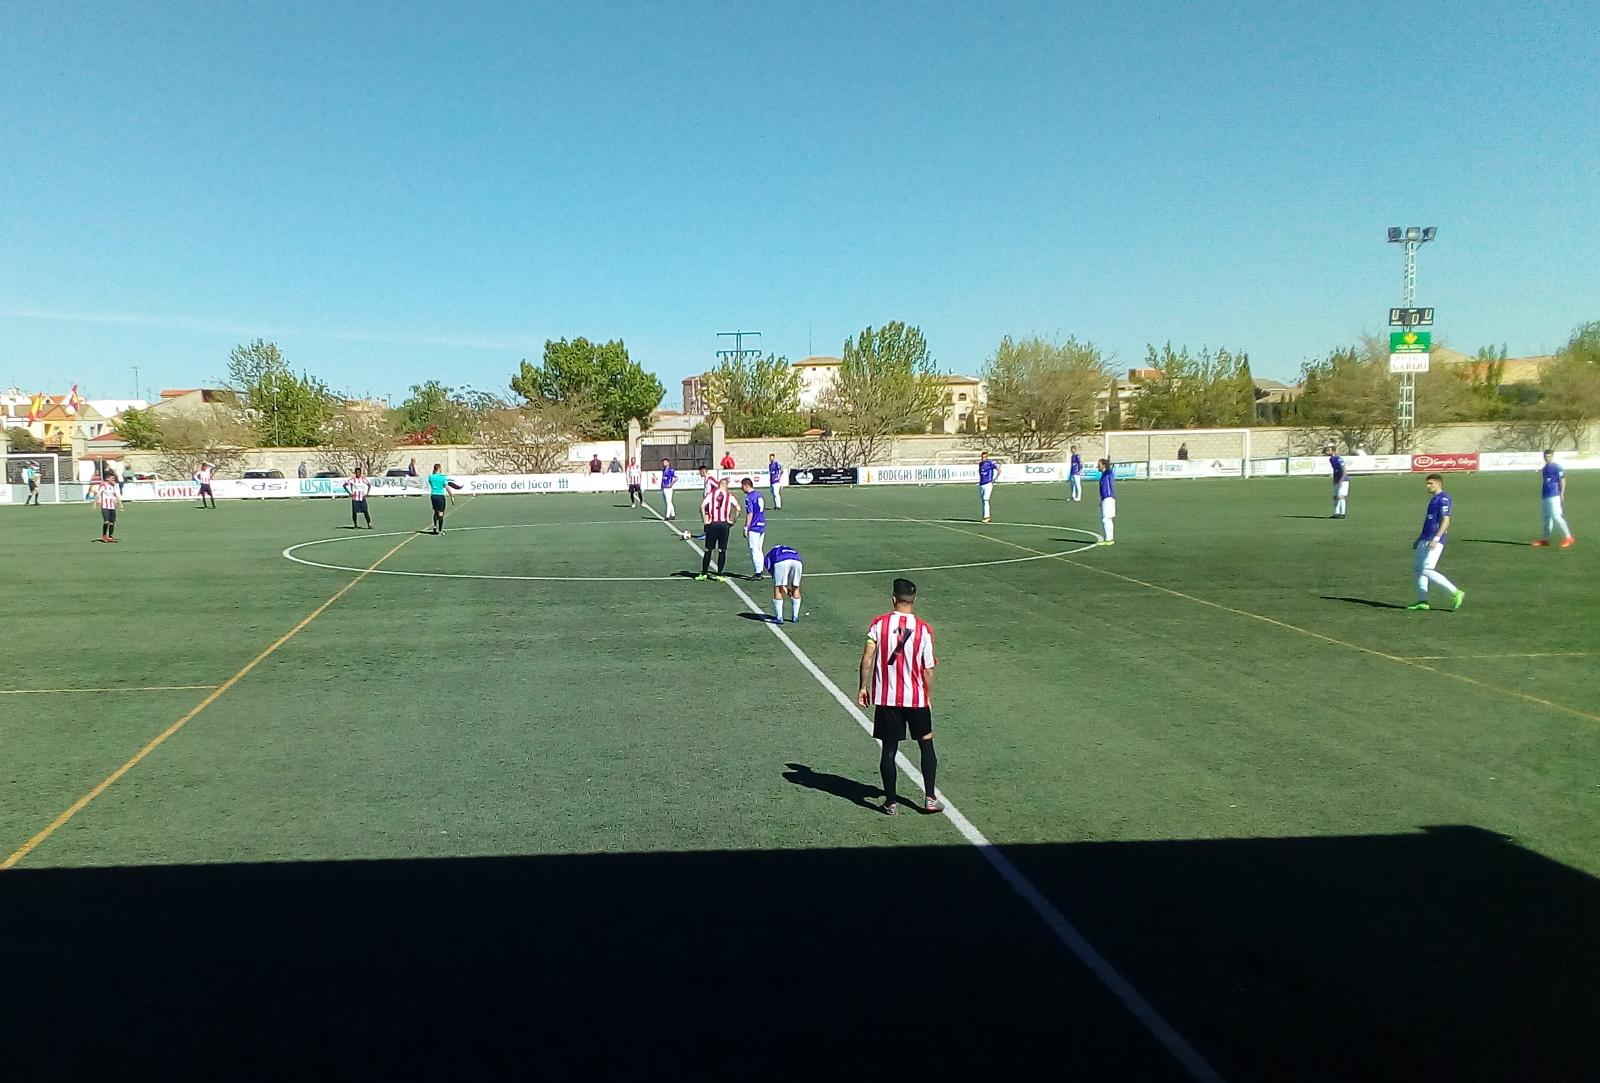 Atlético Ibañés - La Roda CF